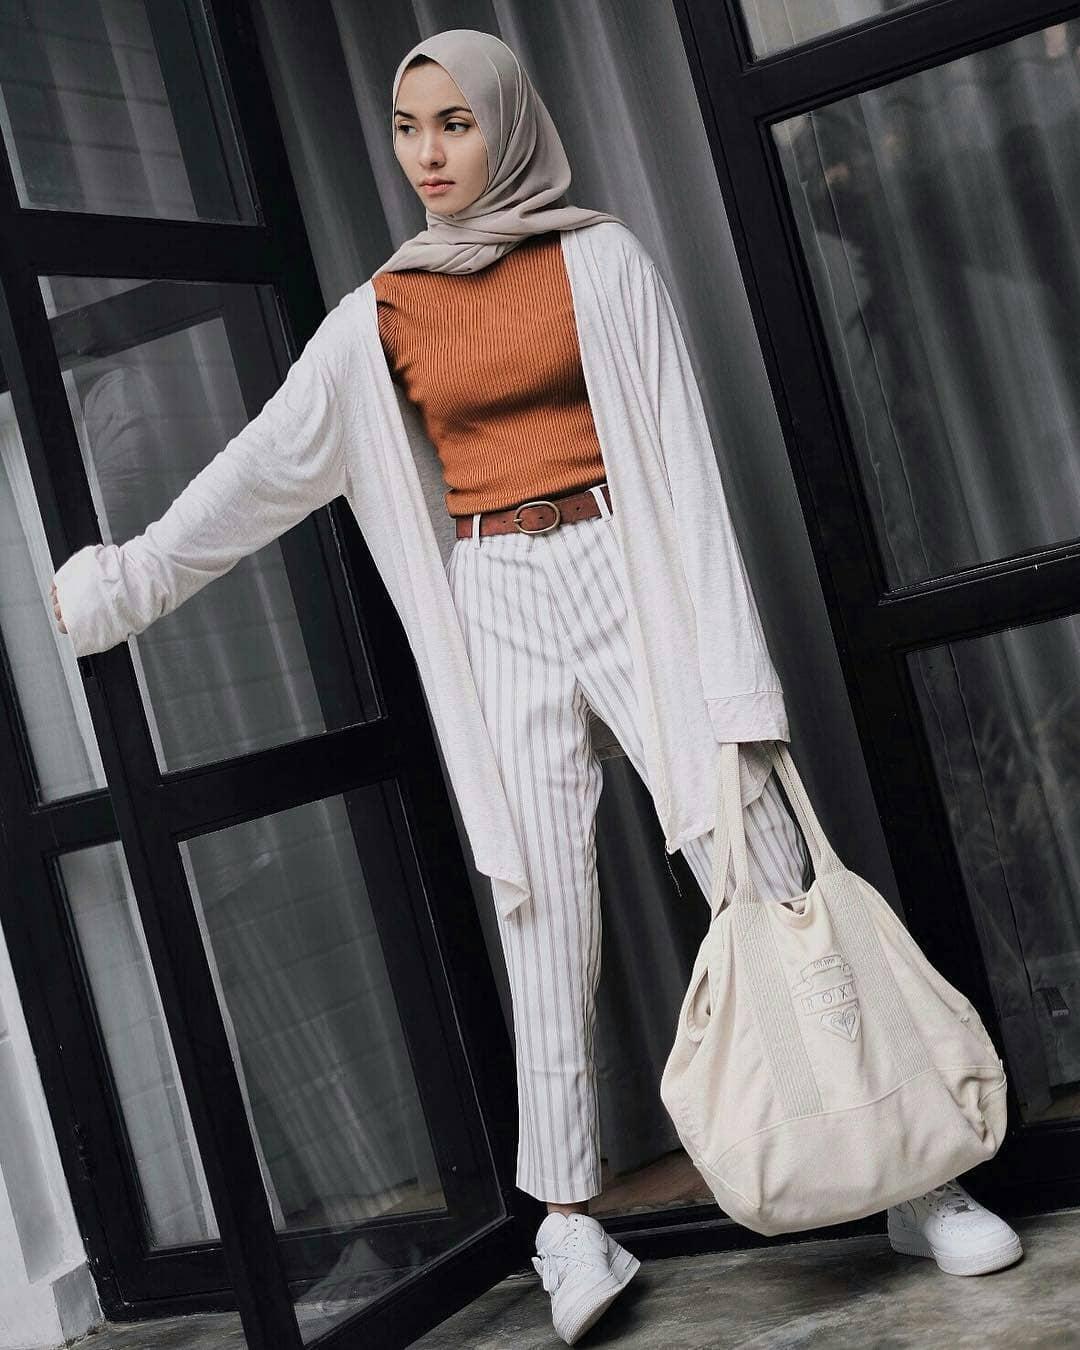 20+ Kumpulan Foto Wanita Selebgram Berhijab Cocok Buat di Jadikan Foto Smudge dan Vektor